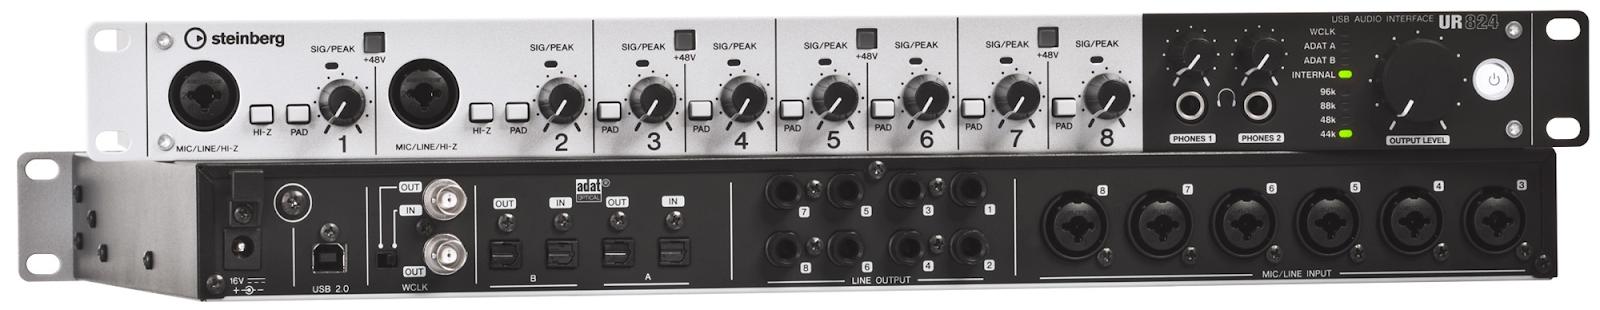 Steinberg UR 824 professzionális audio interfész